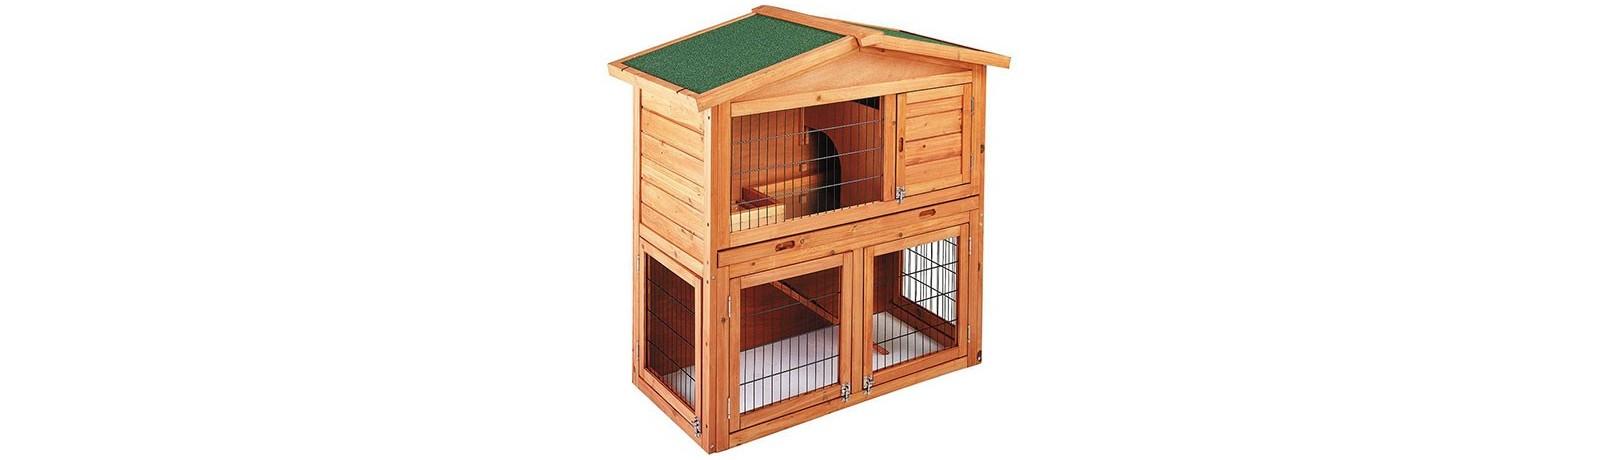 Fabricant de cabanes en bois pour lapins